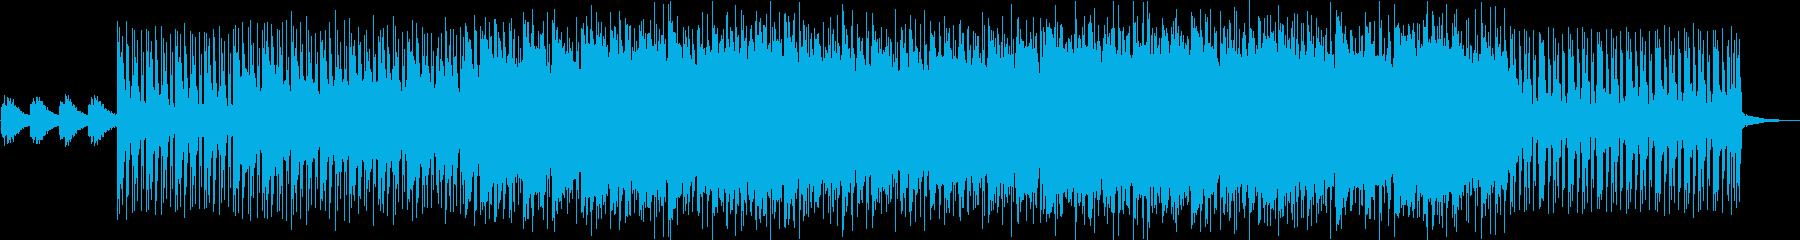 怪しい雰囲気のエレクトロニカの再生済みの波形